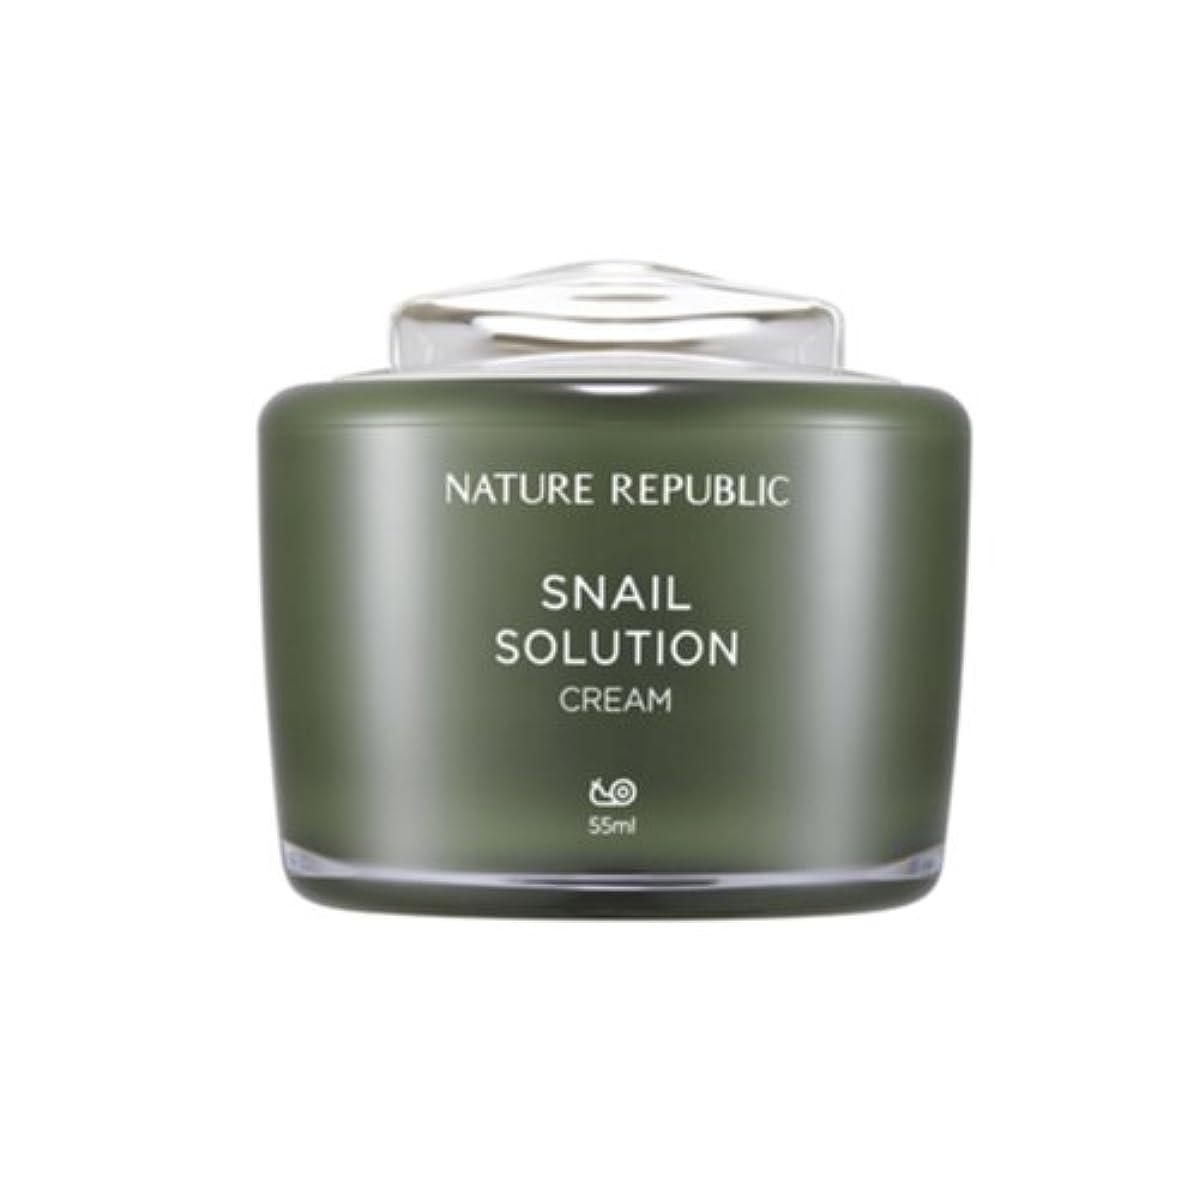 悪性腫瘍眠いです過度に[ネイチャーリパブリック] Nature republicスネイルソリューションクリーム海外直送品(Snail Solution Cream) [並行輸入品]